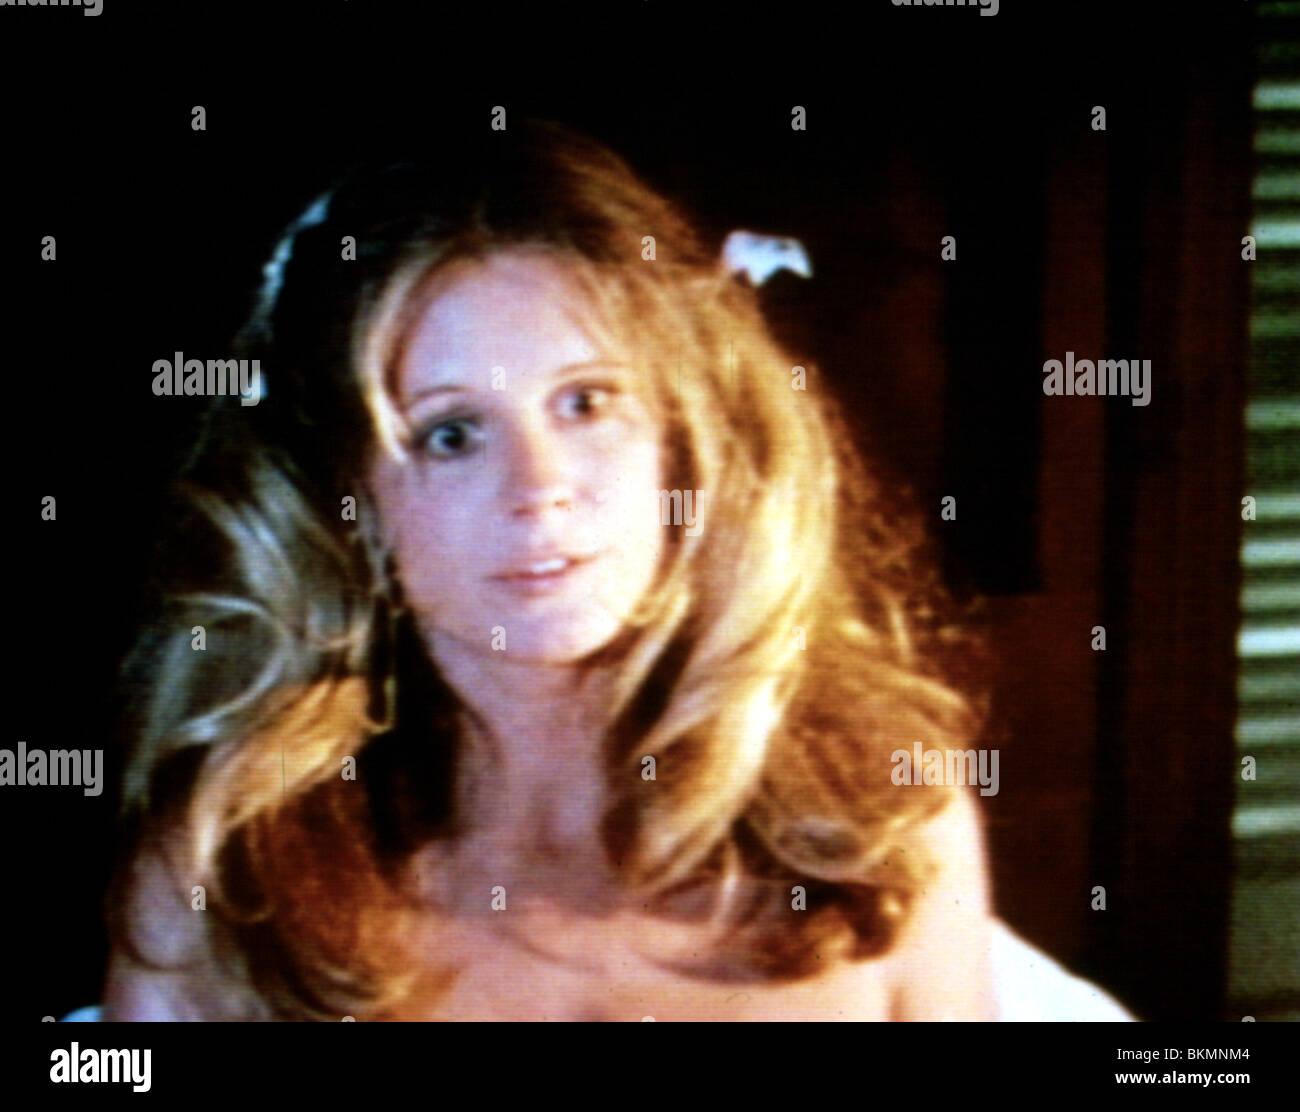 Natasha Wightman,Tien Hogue Sex videos Lillian Walker,Shanna Reed